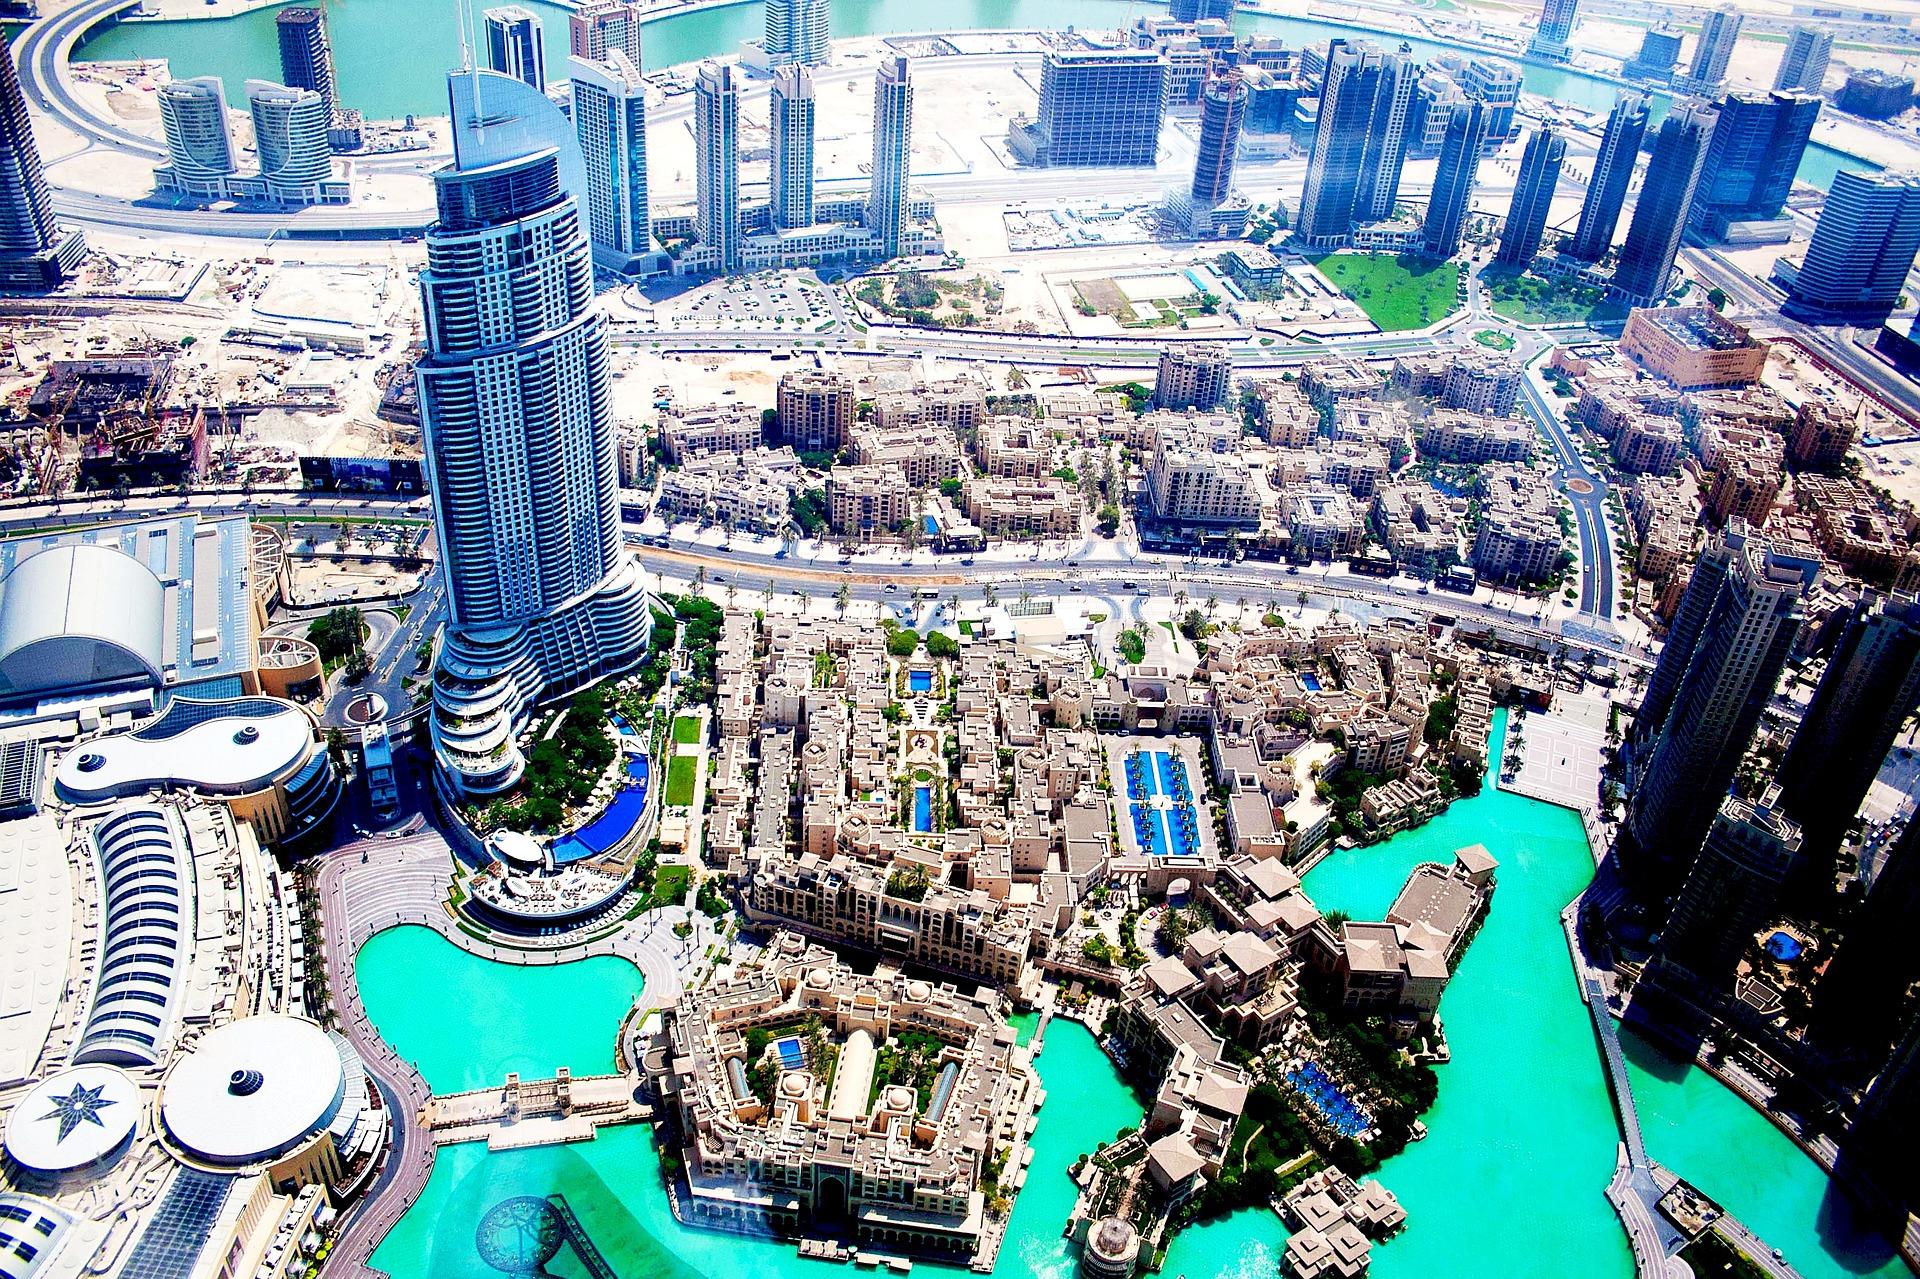 Gyvenimas Dubajuje: viza, valiuta, darbo laikas, arbatpinigiai, elektros įtampa